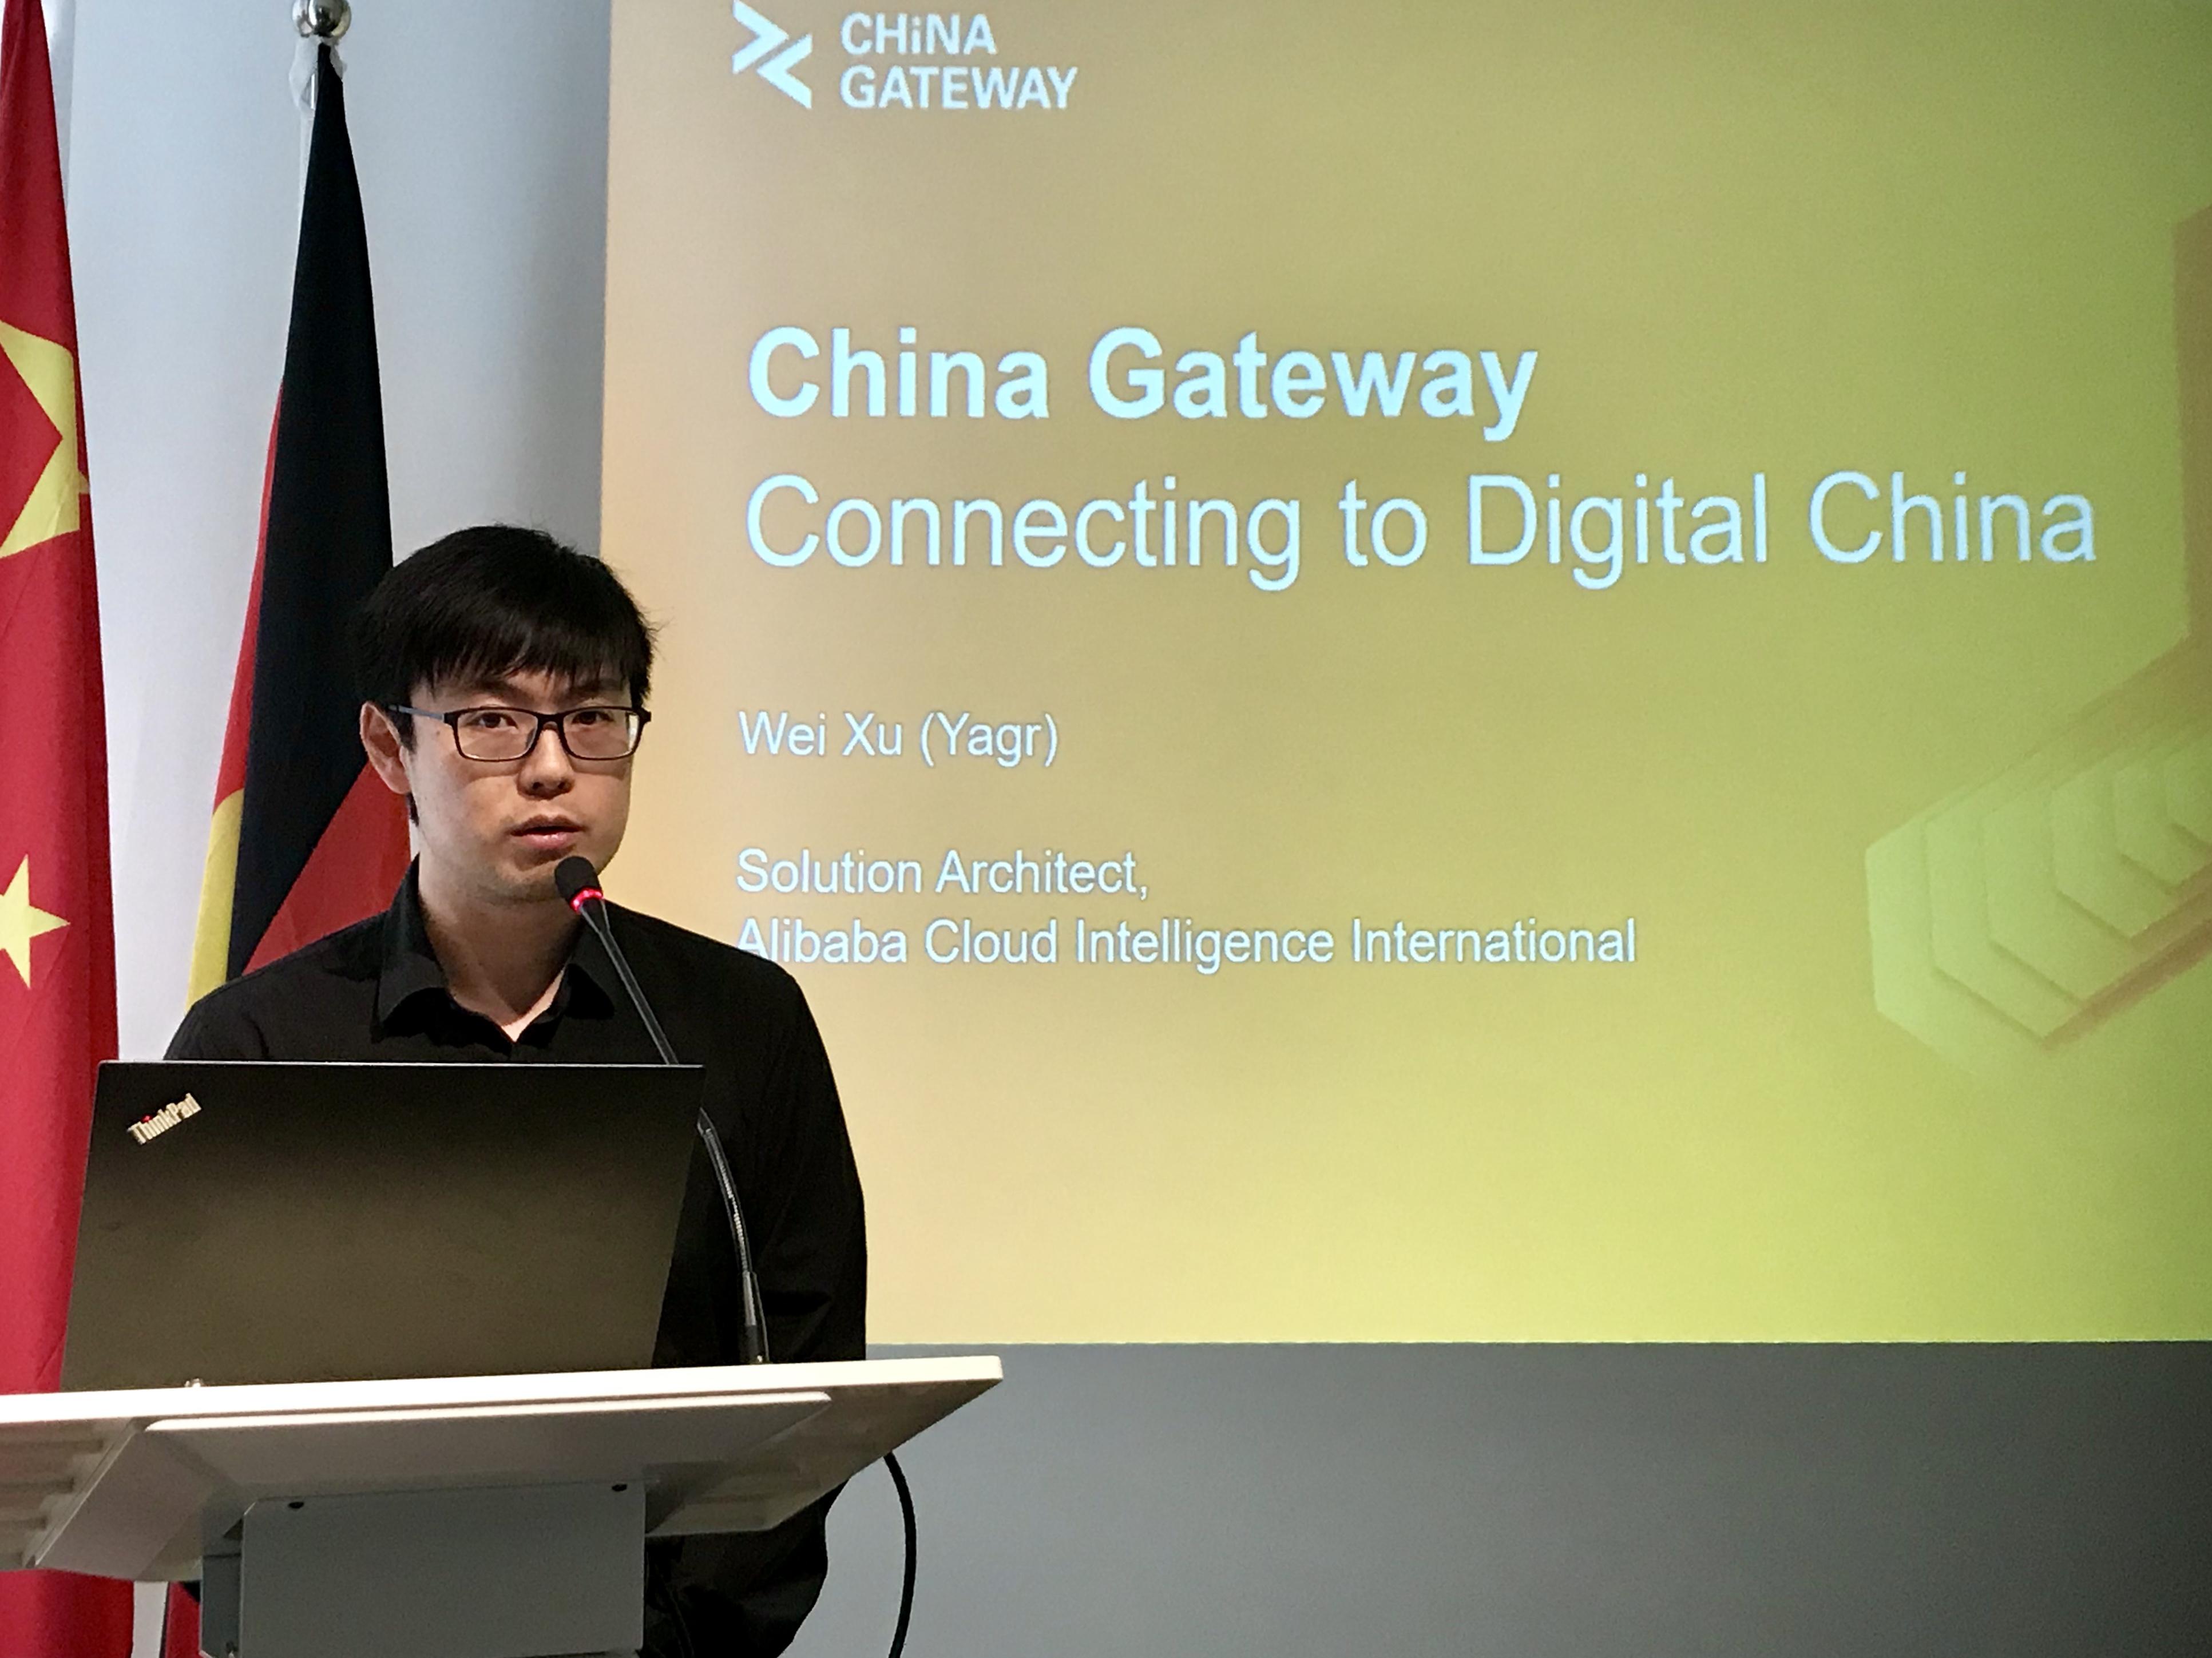 XU Wei beschreibt das Serviceangebot von Alibaba für Unternehmen